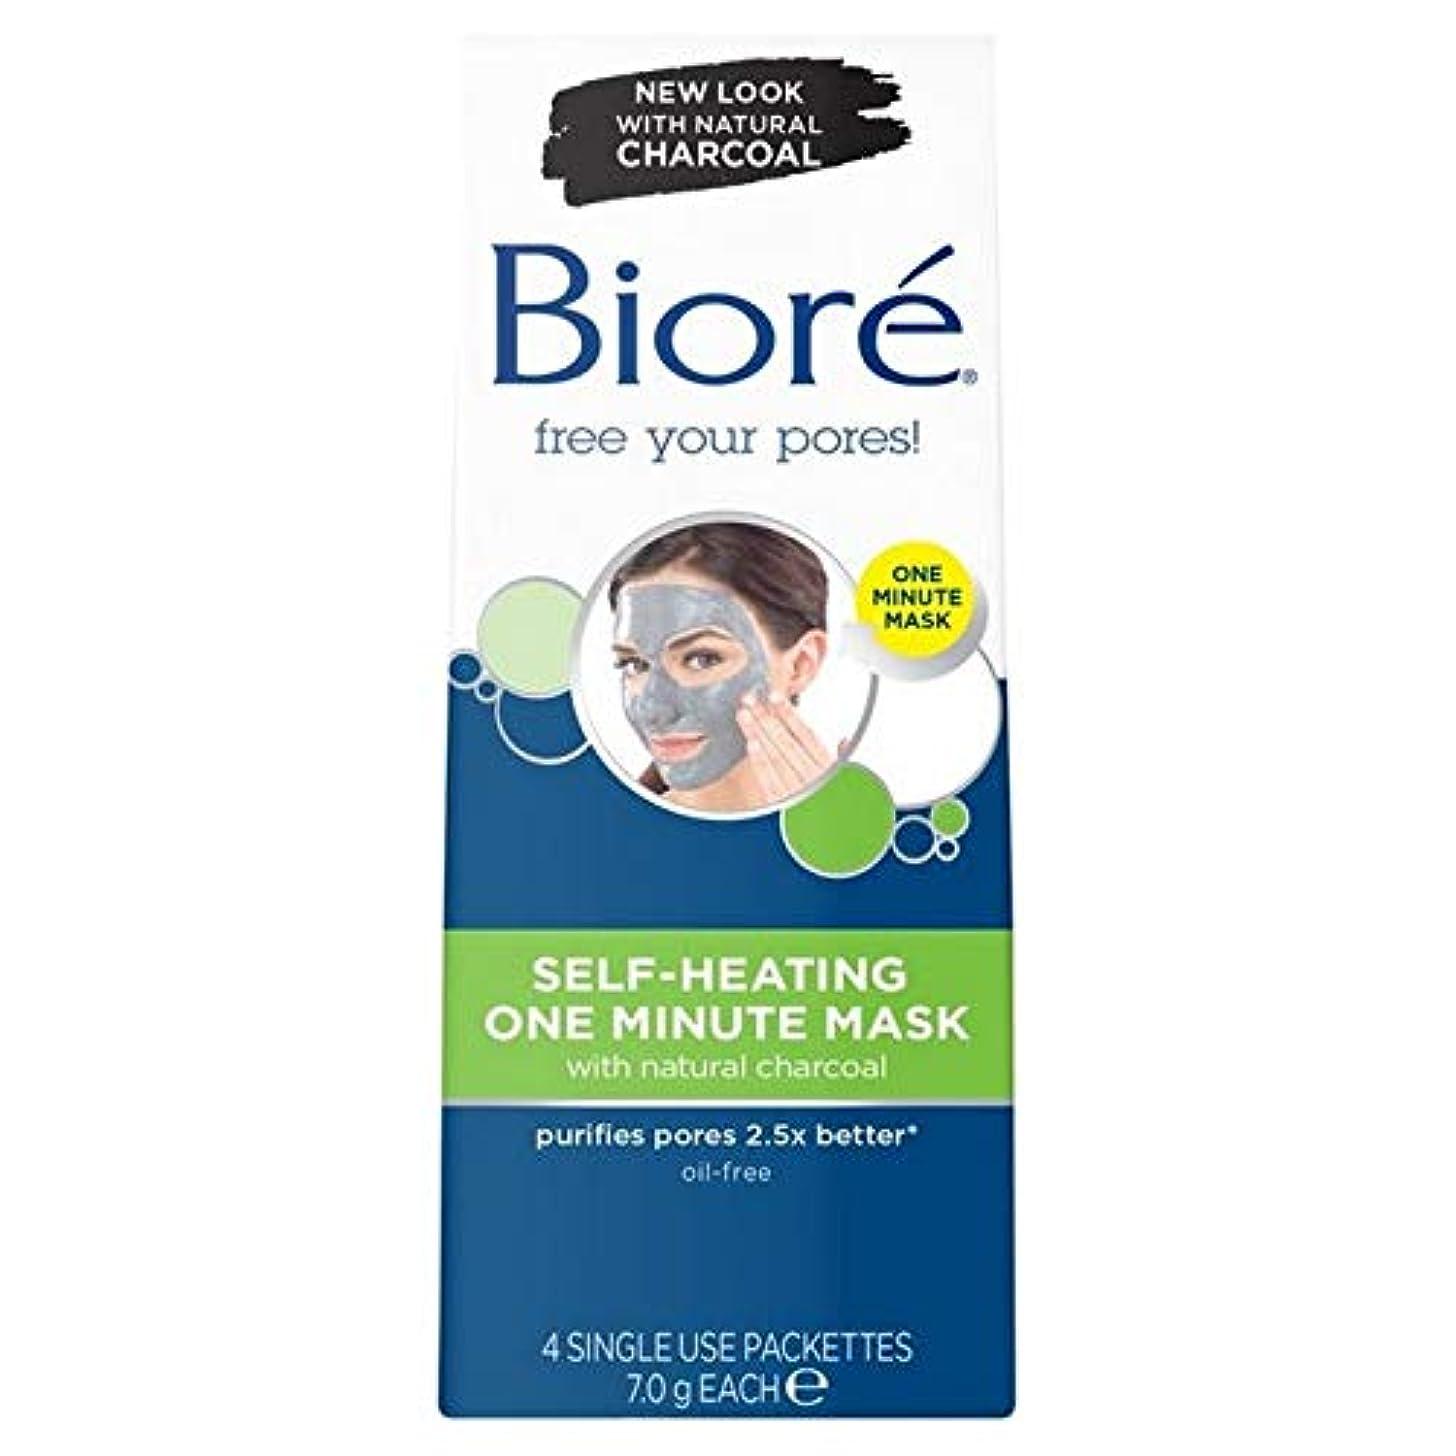 オーク解釈的すごい[Biore] ビオレ自己発熱1分マスク4×7グラム - Biore Self Heating One Minute Mask 4 x 7g [並行輸入品]